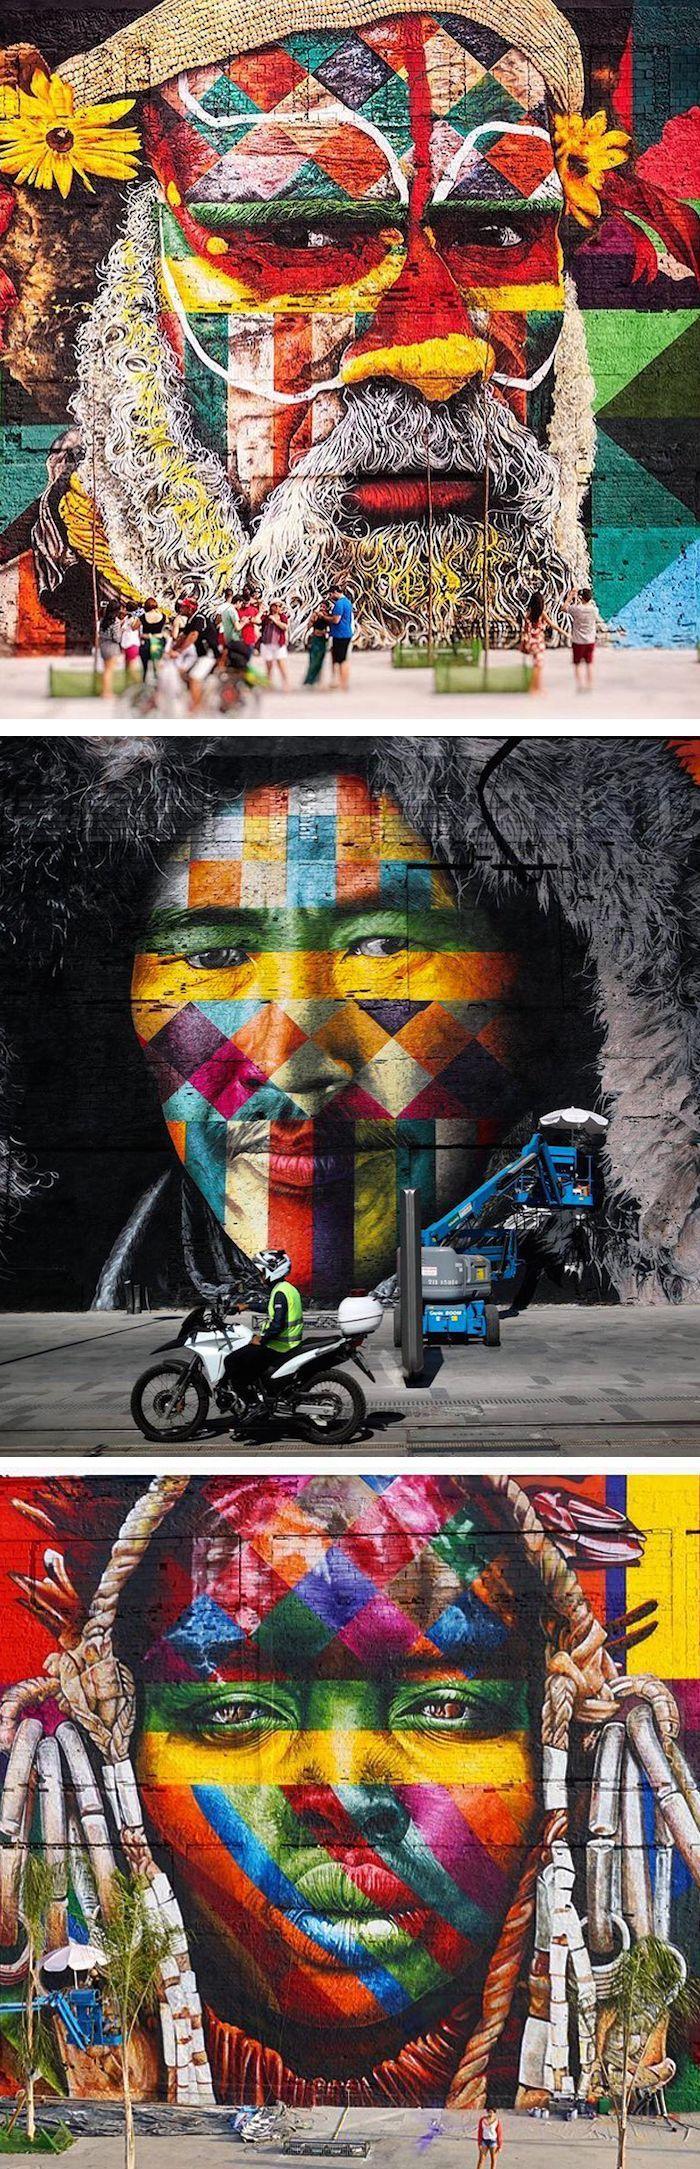 Brasilianischer Graffiti-Künstler malt das größte Straßenbild der Welt für die Olympischen Spiele in Rio - Künstler #streetart